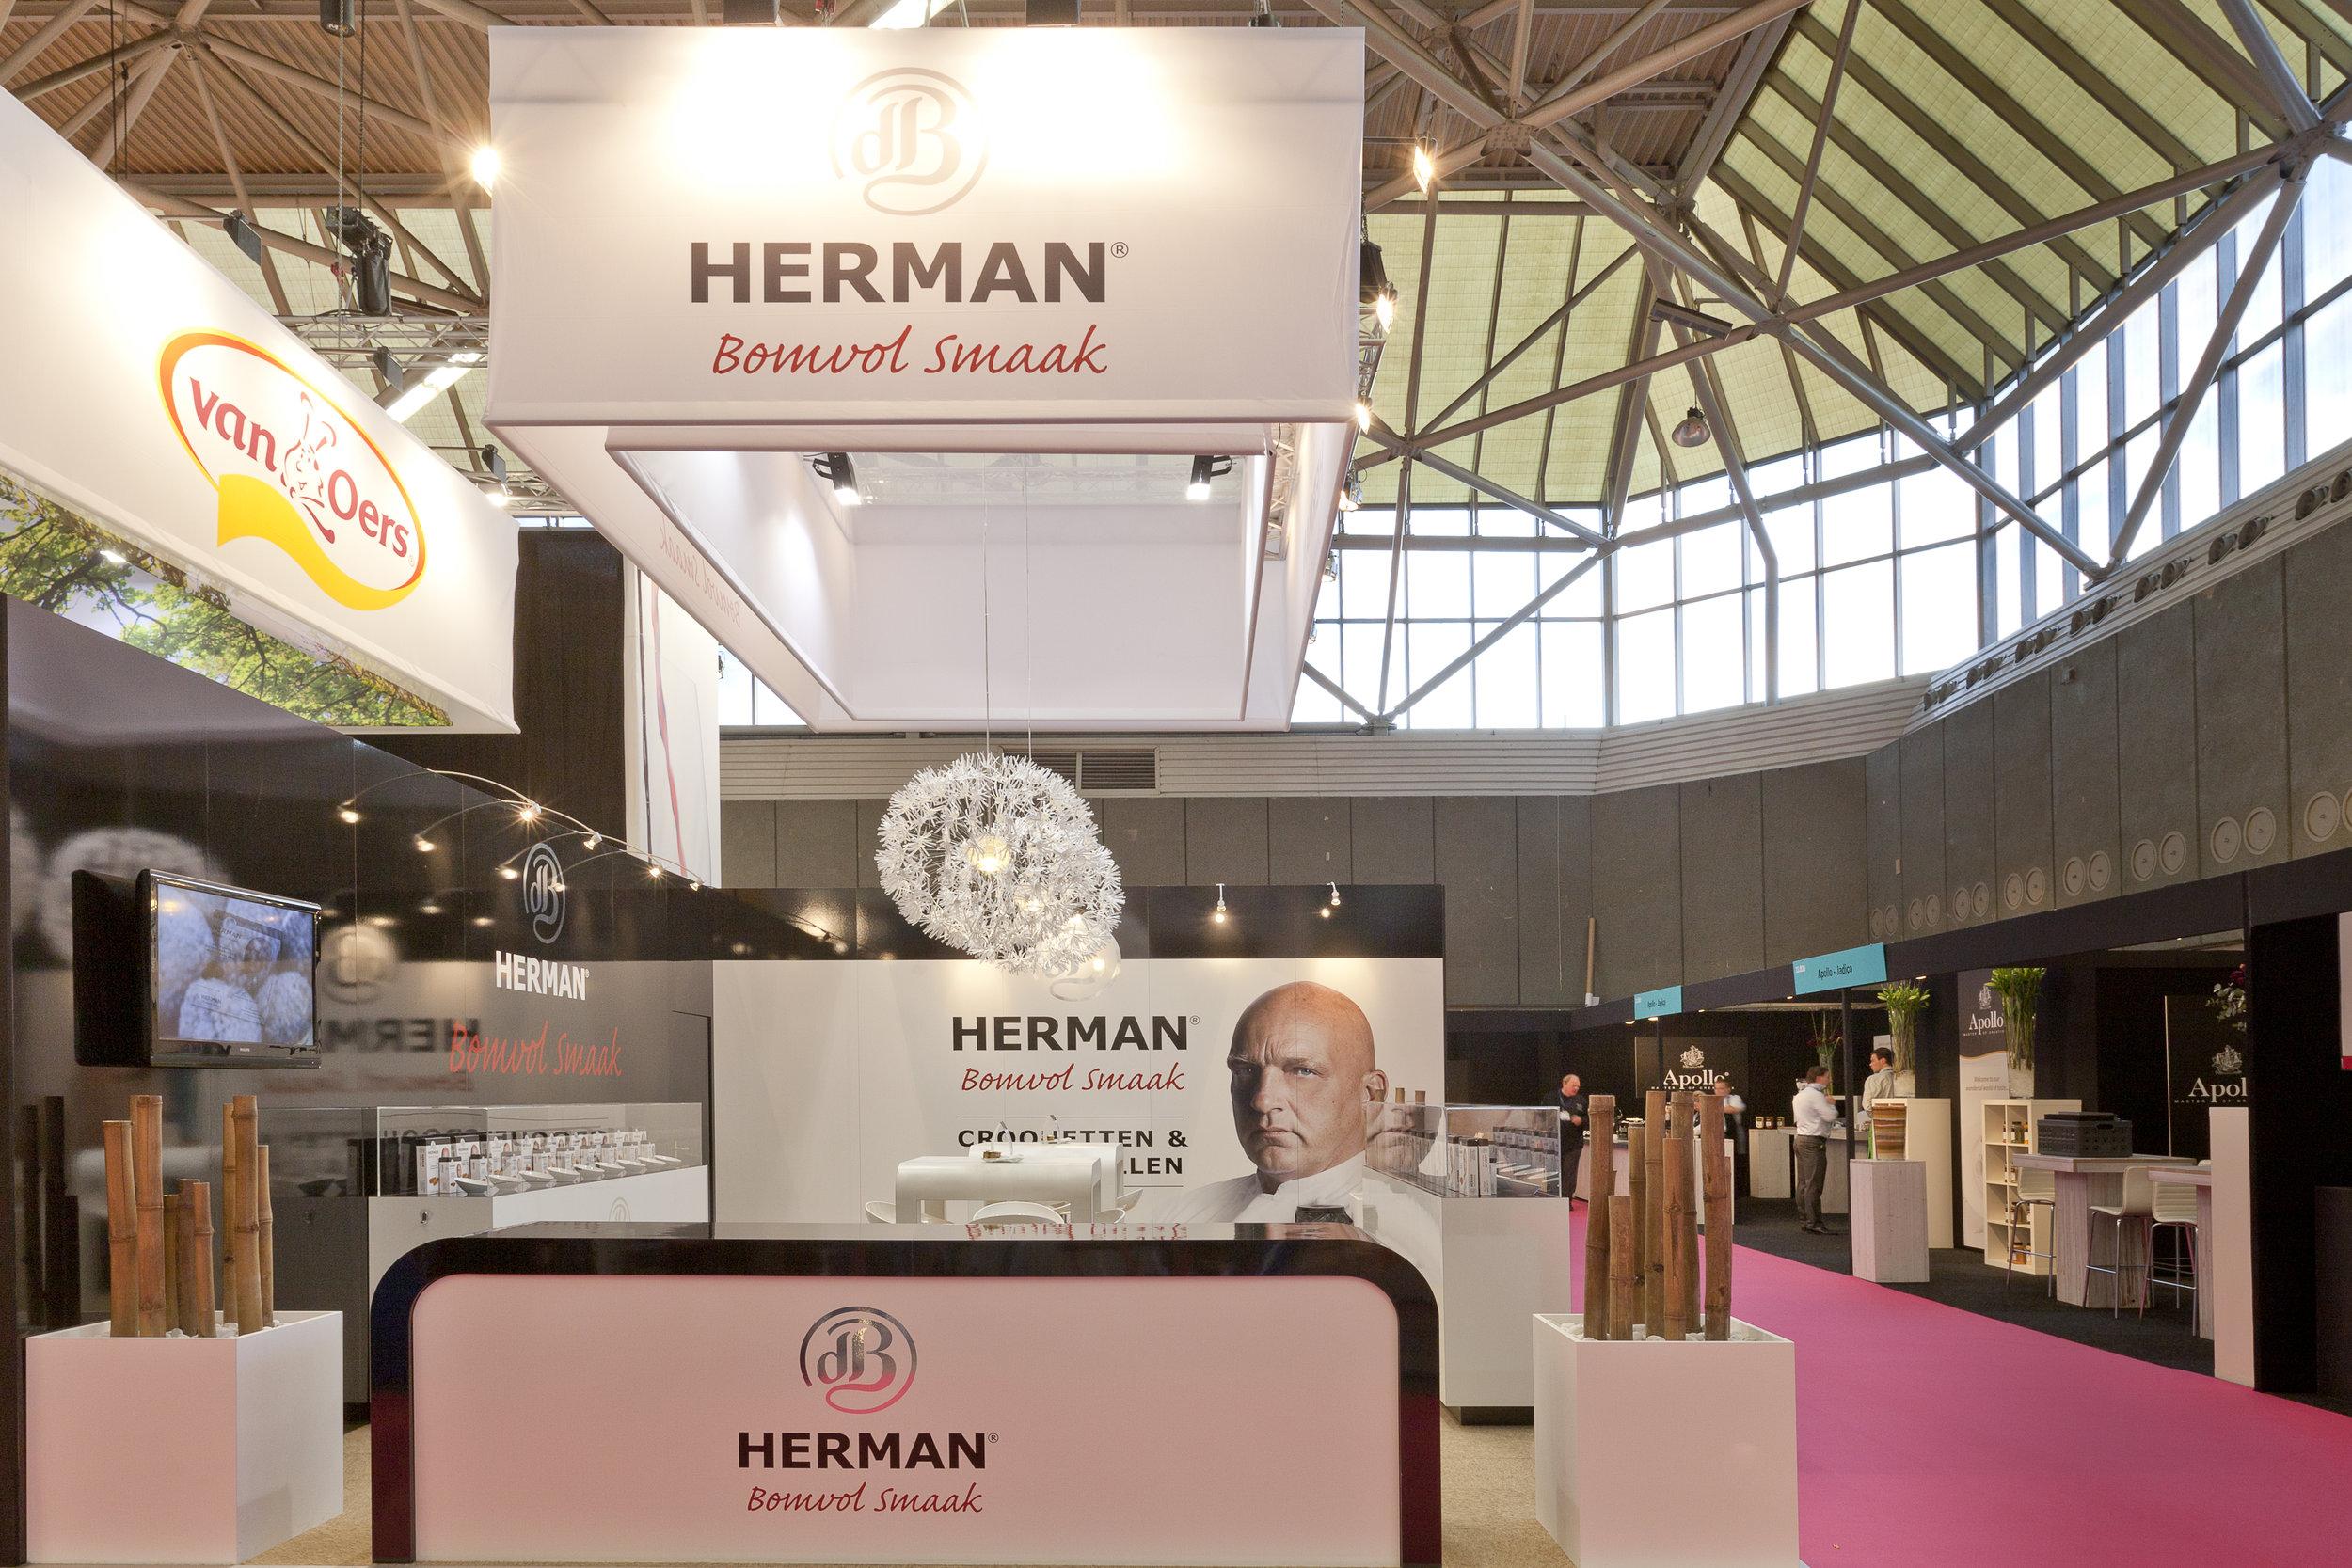 Herman-1-Edit.jpg